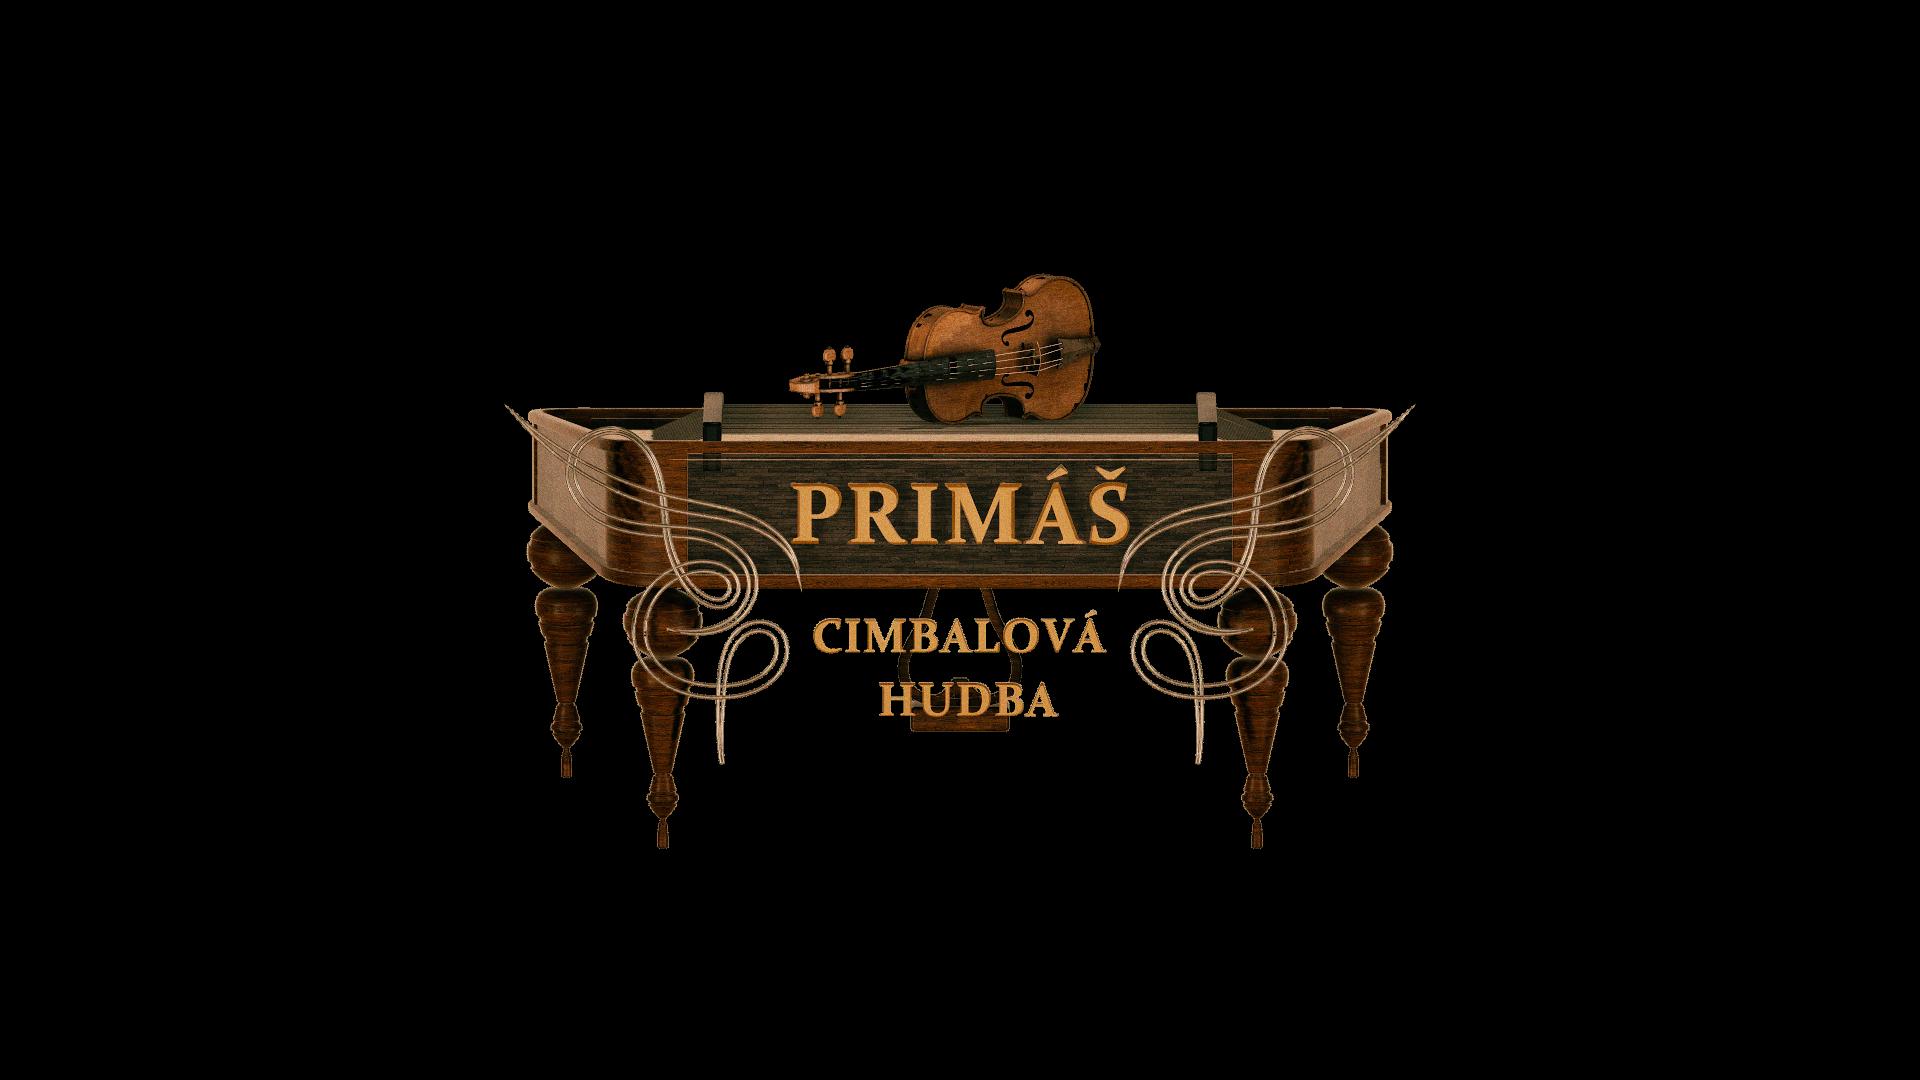 cimbalova-hudba-primas-logo